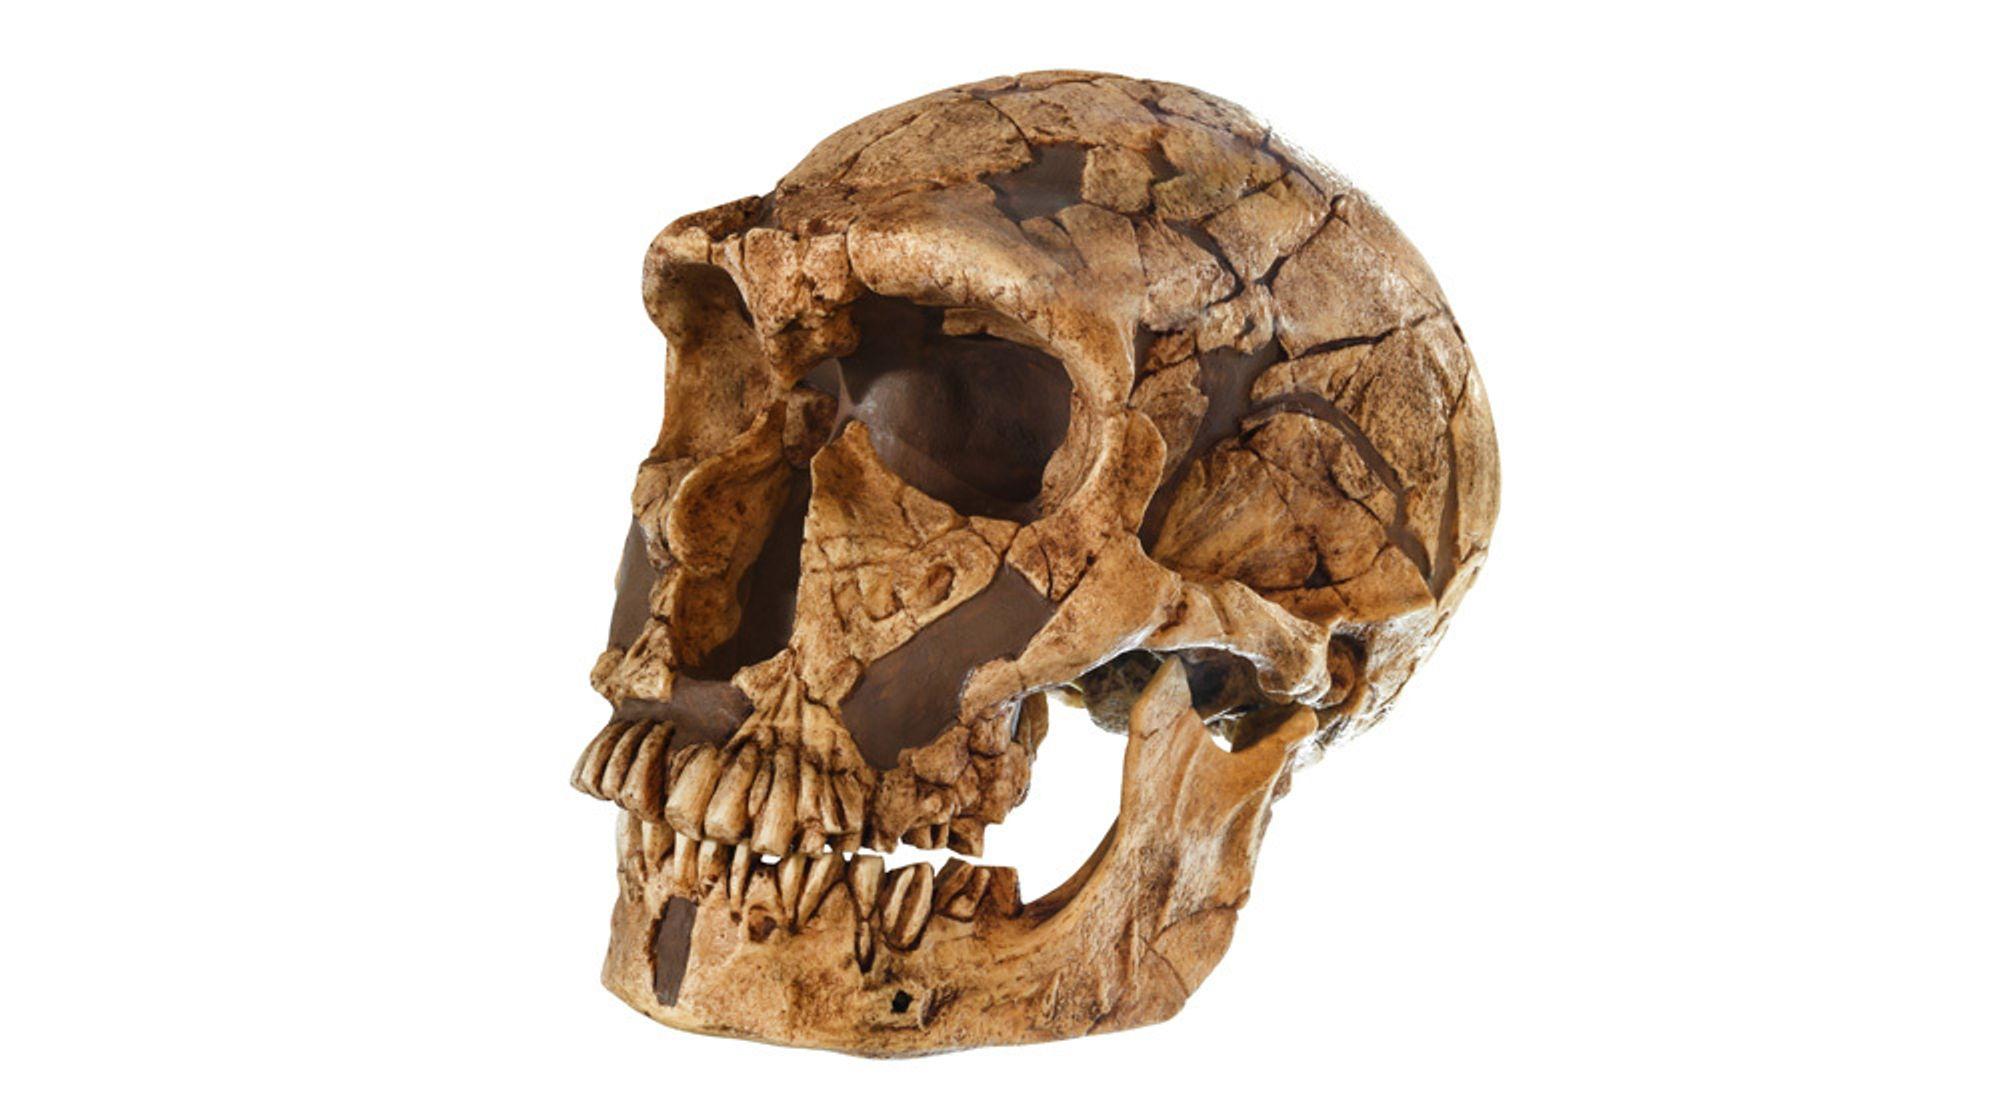 En hodeskalle tilhørende menneskearten Homo neanderthalensis, 50.000 år gammel. Oppdaget i 1909 i La Ferrassie, Frankrike.